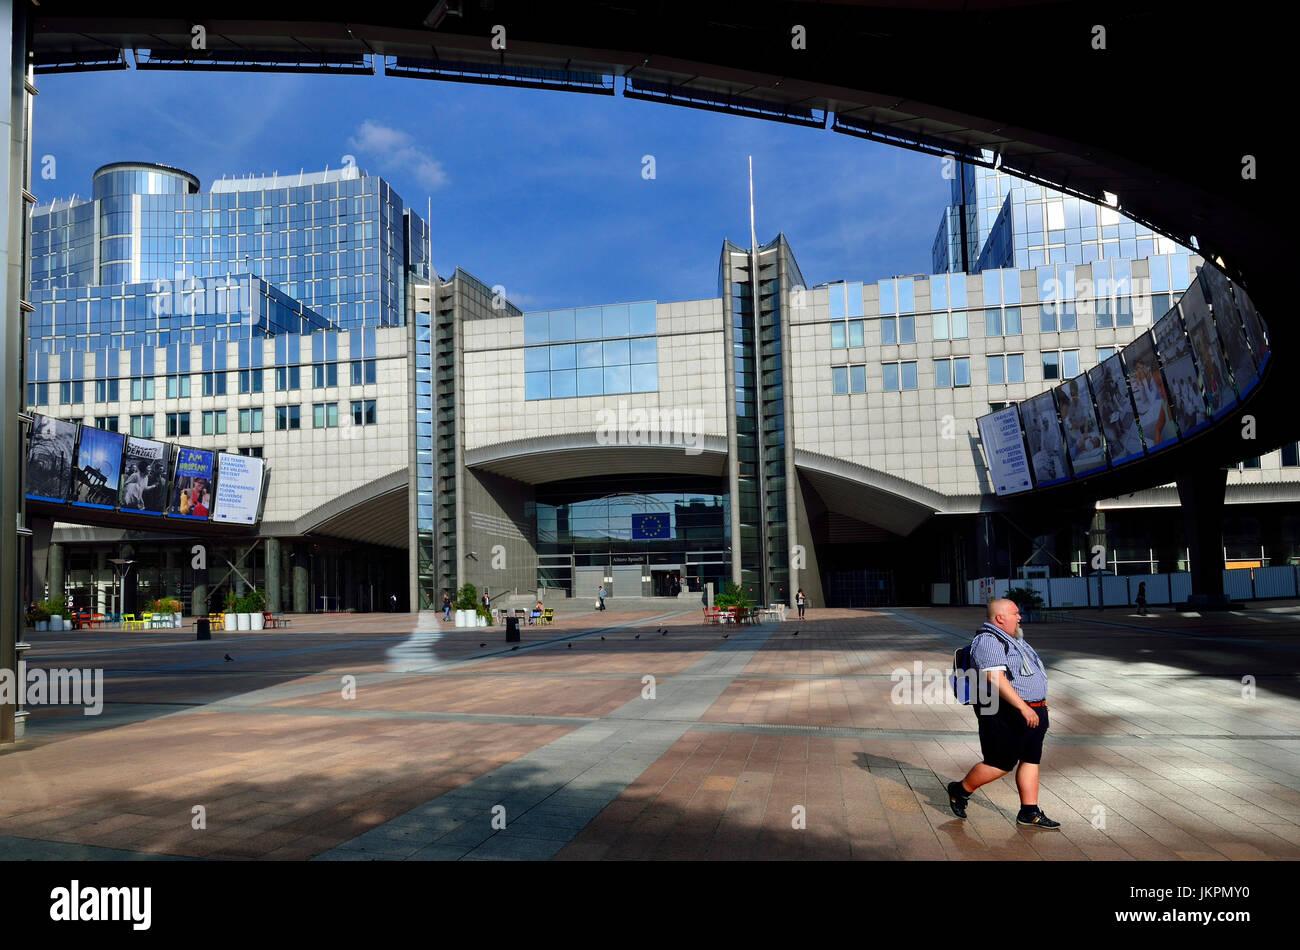 Bruxelles, Belgio. Edificio del Parlamento europeo - Espace Leopold, spazio aperto dagli ingressi principali. Ben Immagini Stock